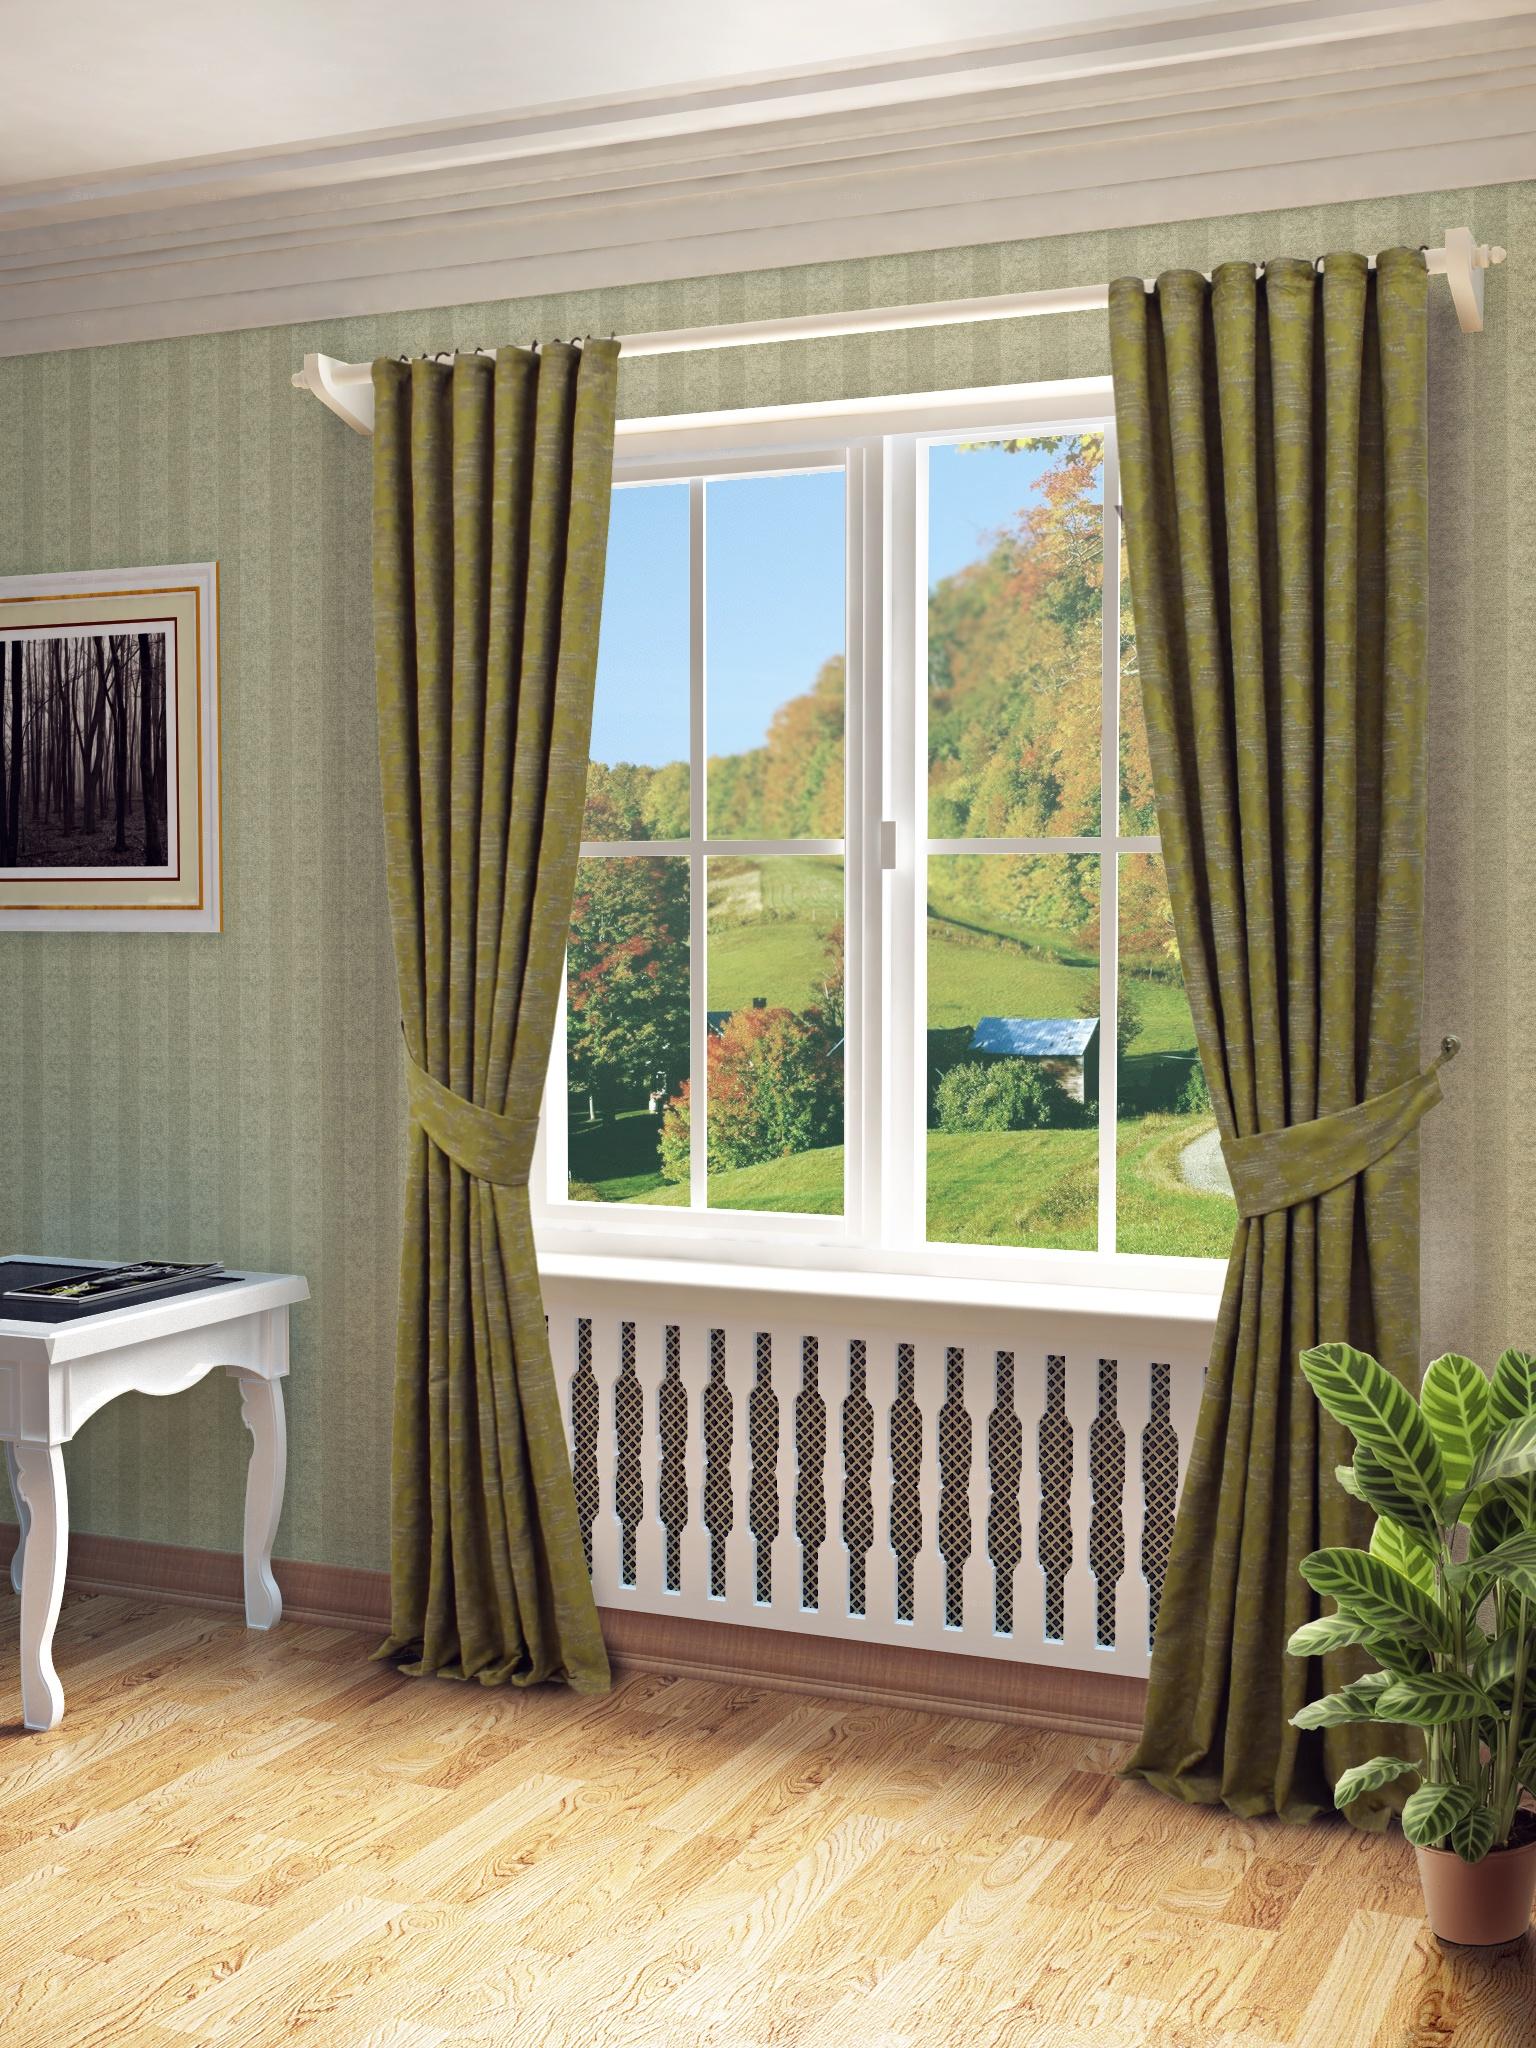 Фото - Штора Sanpa Home Collection КШВЭНДИ, зеленый, , 150*260, КШВЭНДИ, зеленый, , 150*260-2шт+подхваты, зеленый ёлка цвет зеленый 150 см